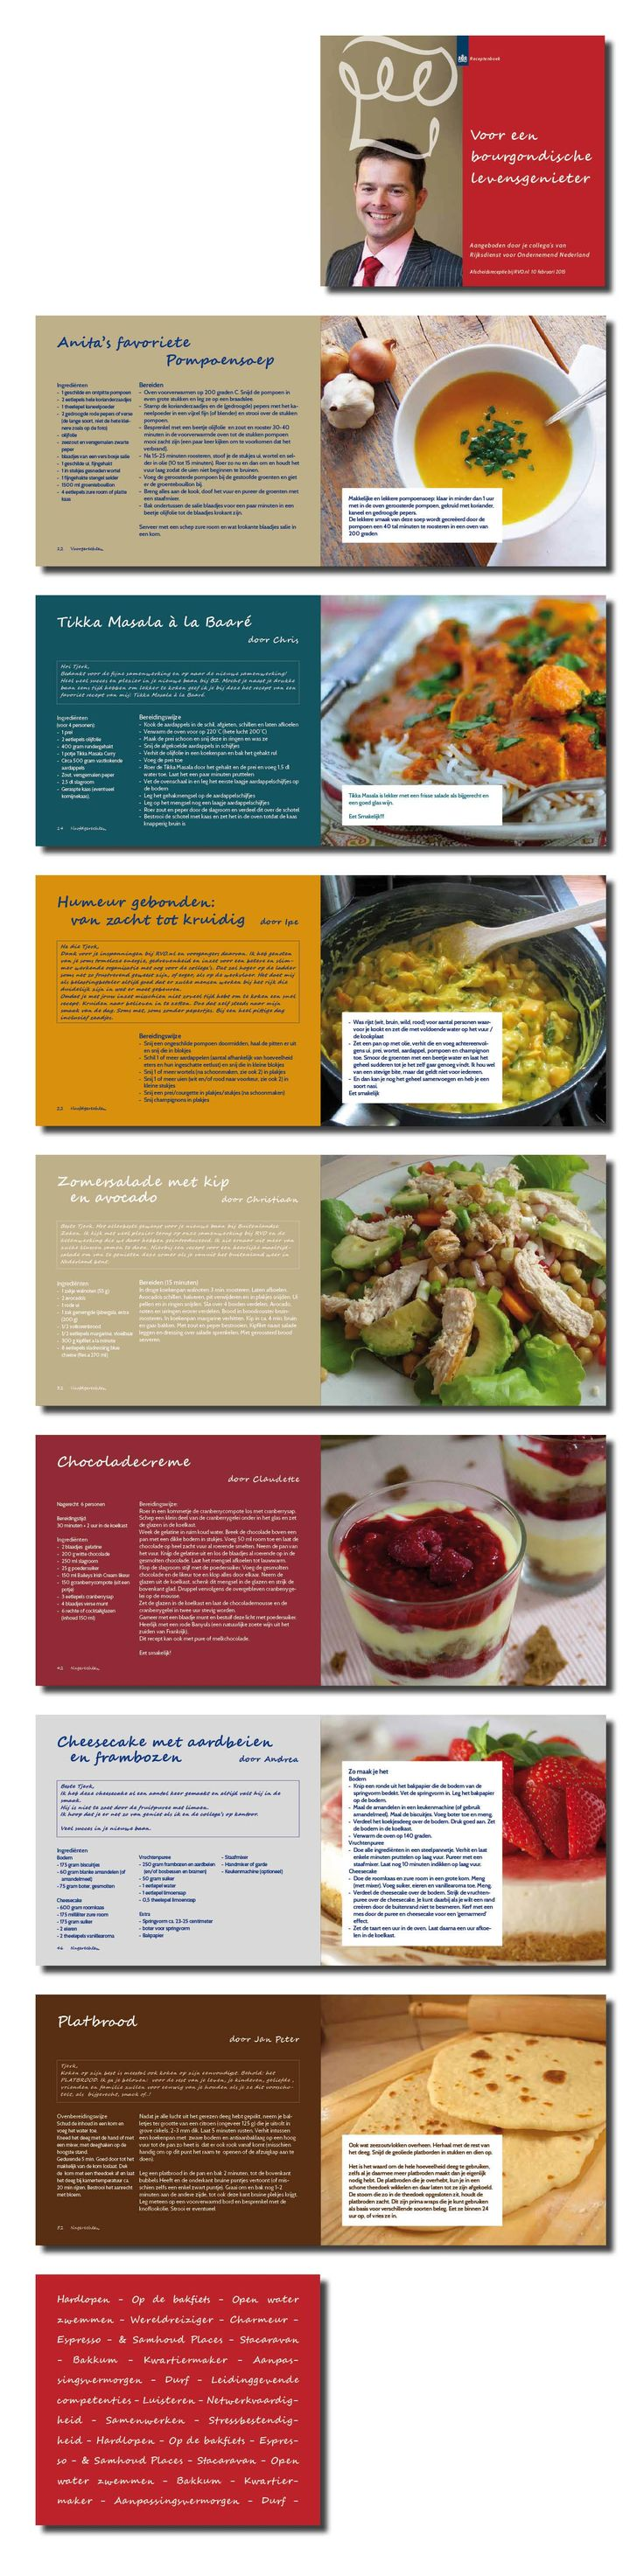 Ontwerp en uitwerking receptenboek, 150 x 170mm, 56 pagina's, incl beeld en tekst redactie